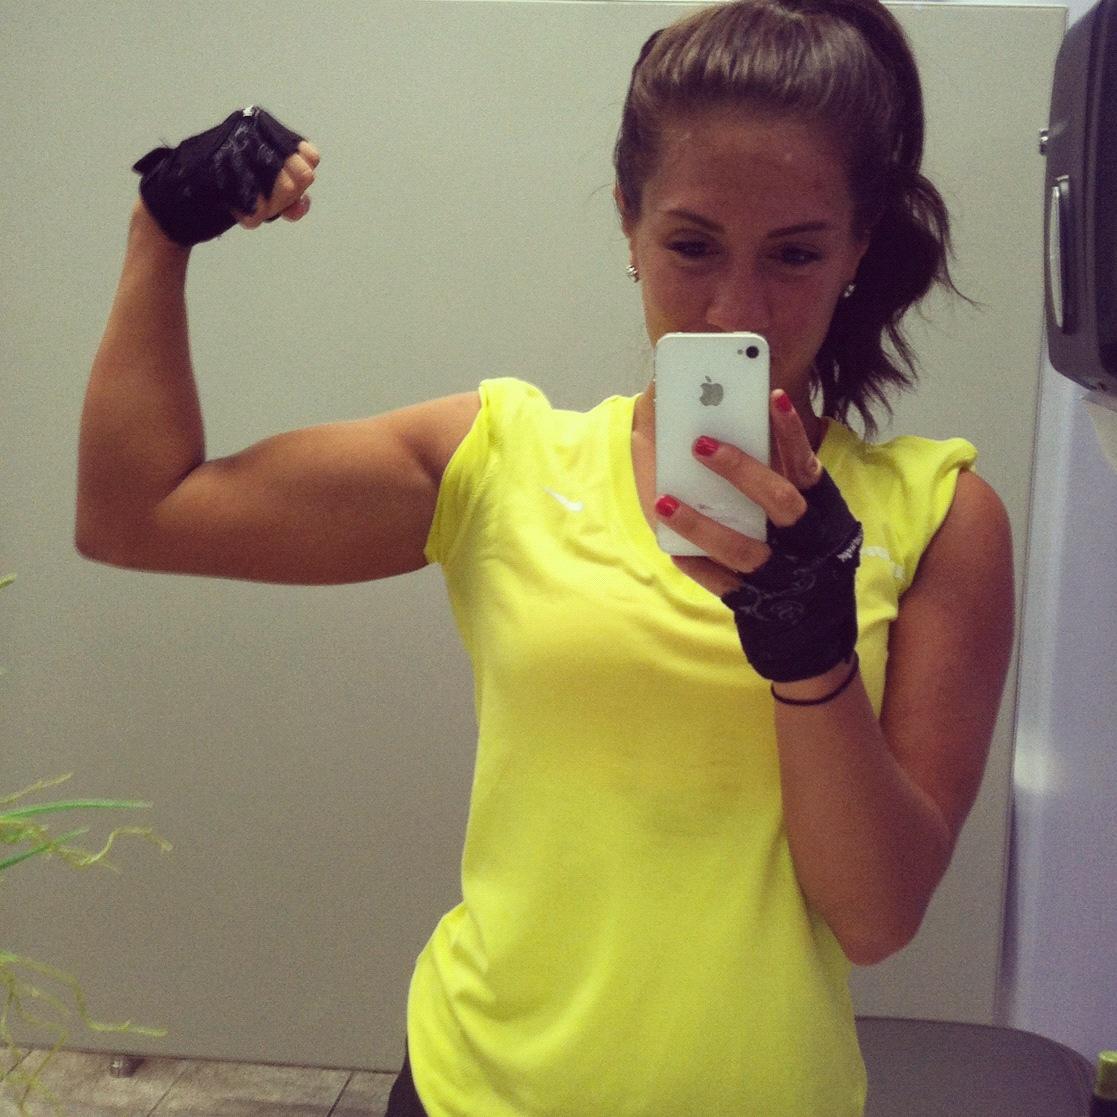 Que tal sair de blogueira fitness? Uma roupa de ginástica bem cheguei e um celular de papelão renderão muitas #selfies engraçadas